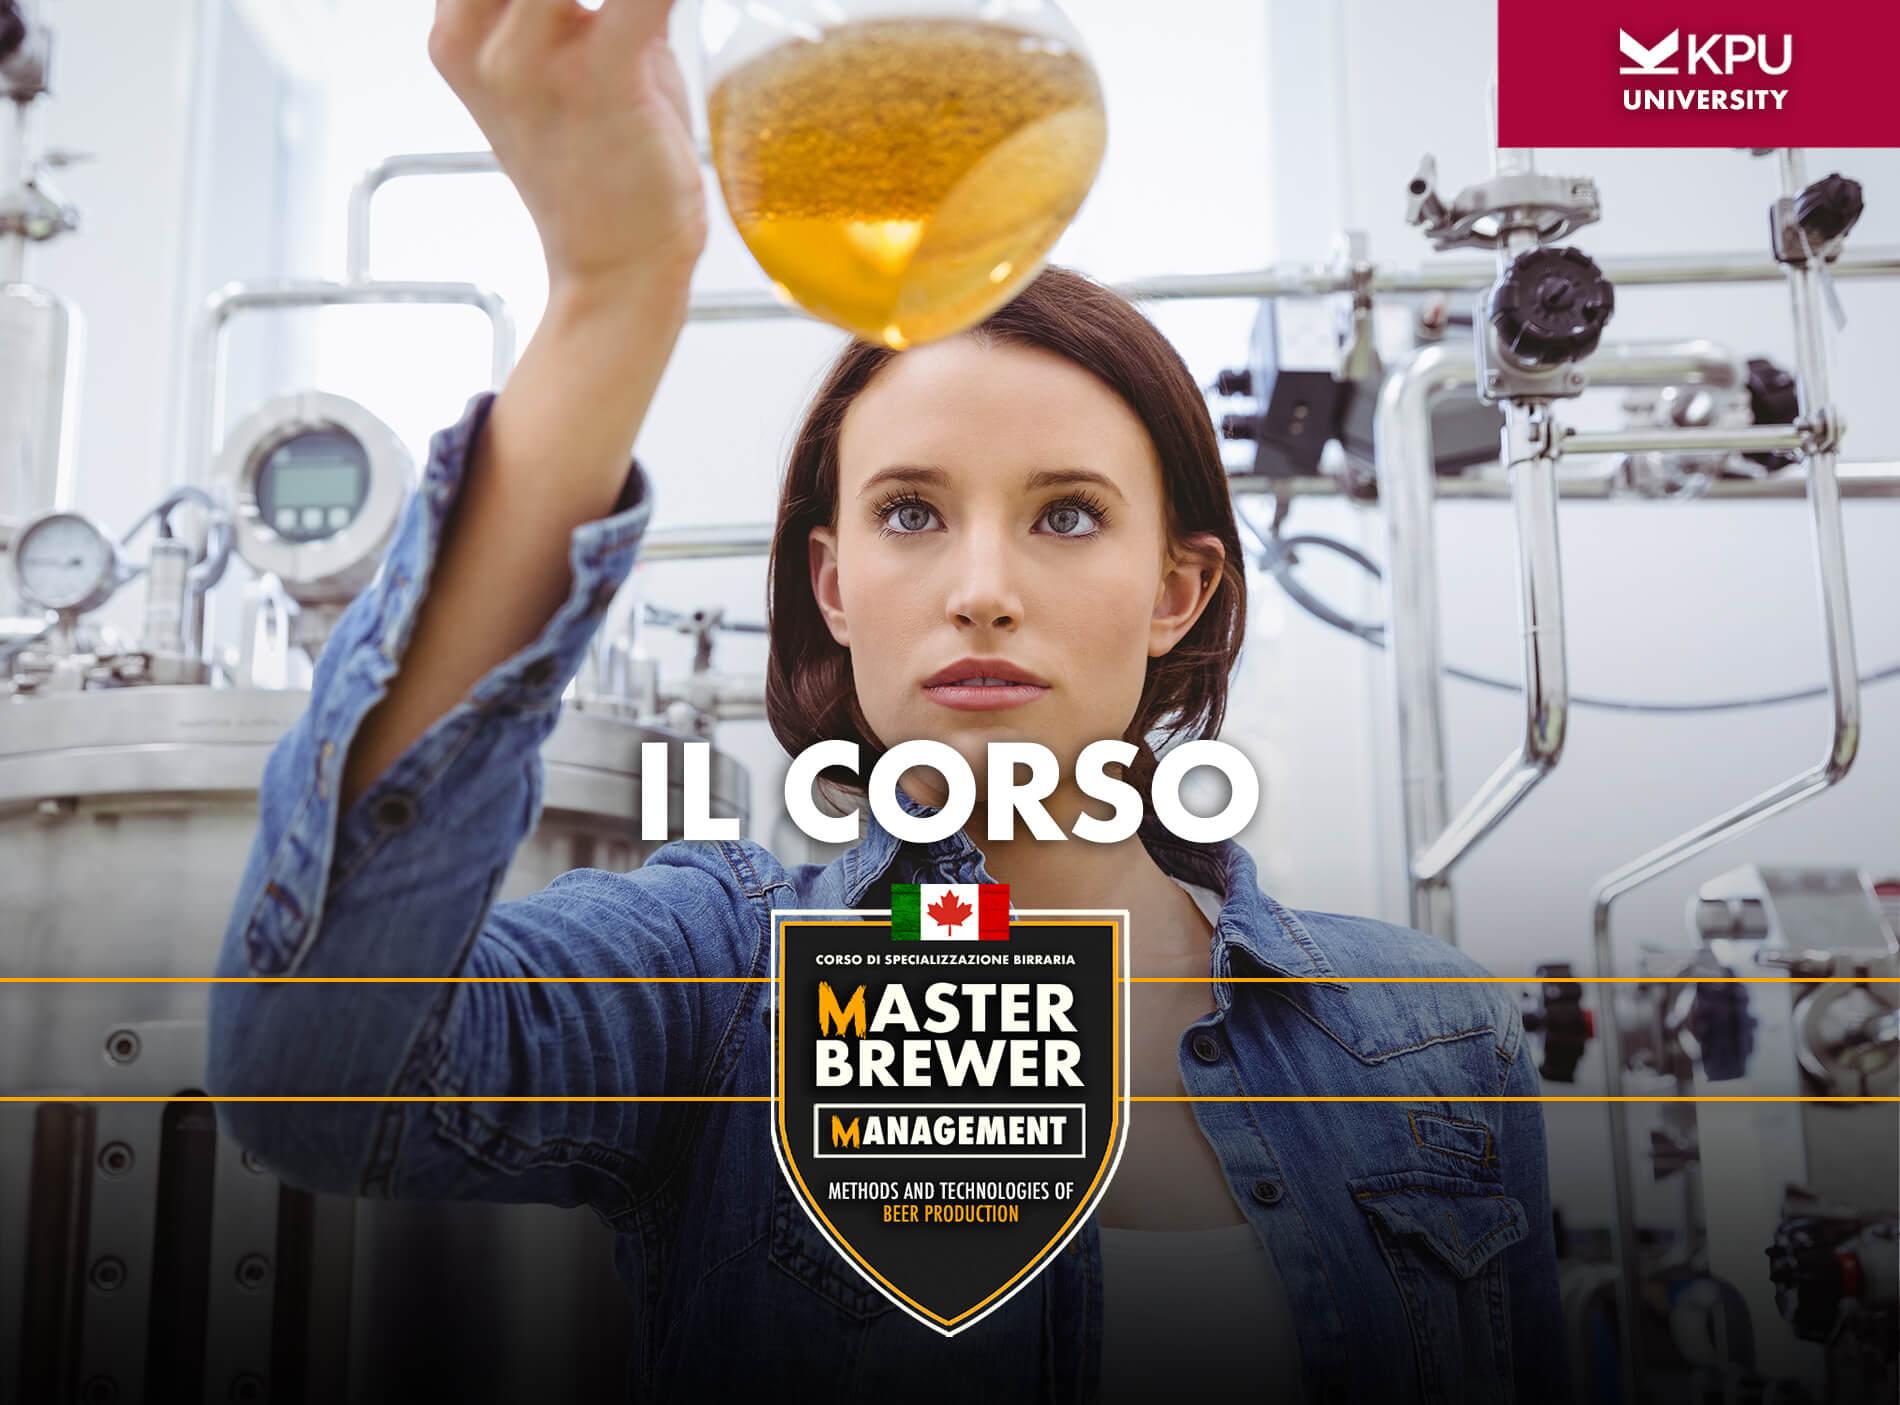 master brewer management corso di specializzazione